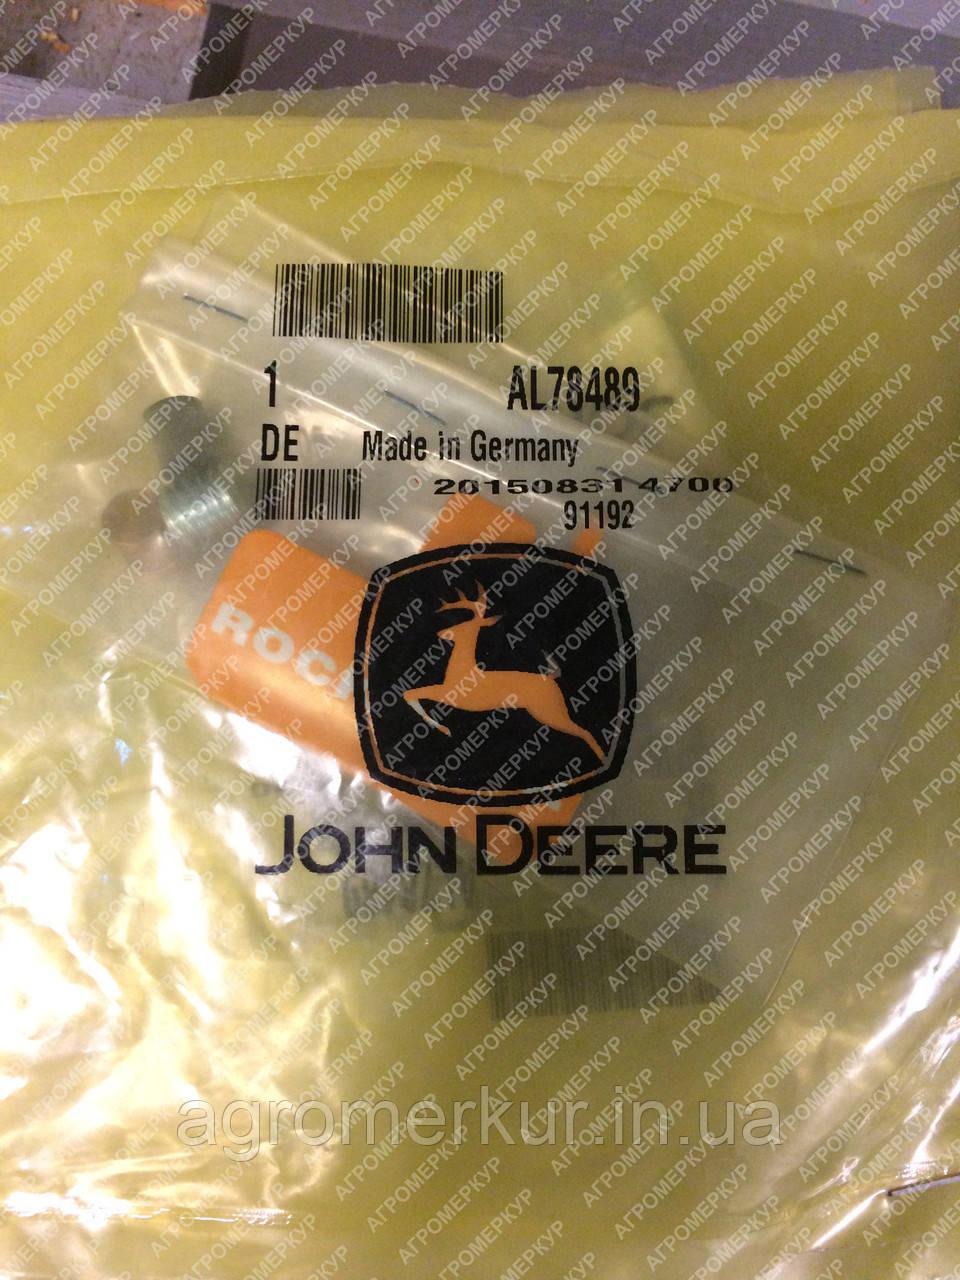 Болт AL78489 John Deere